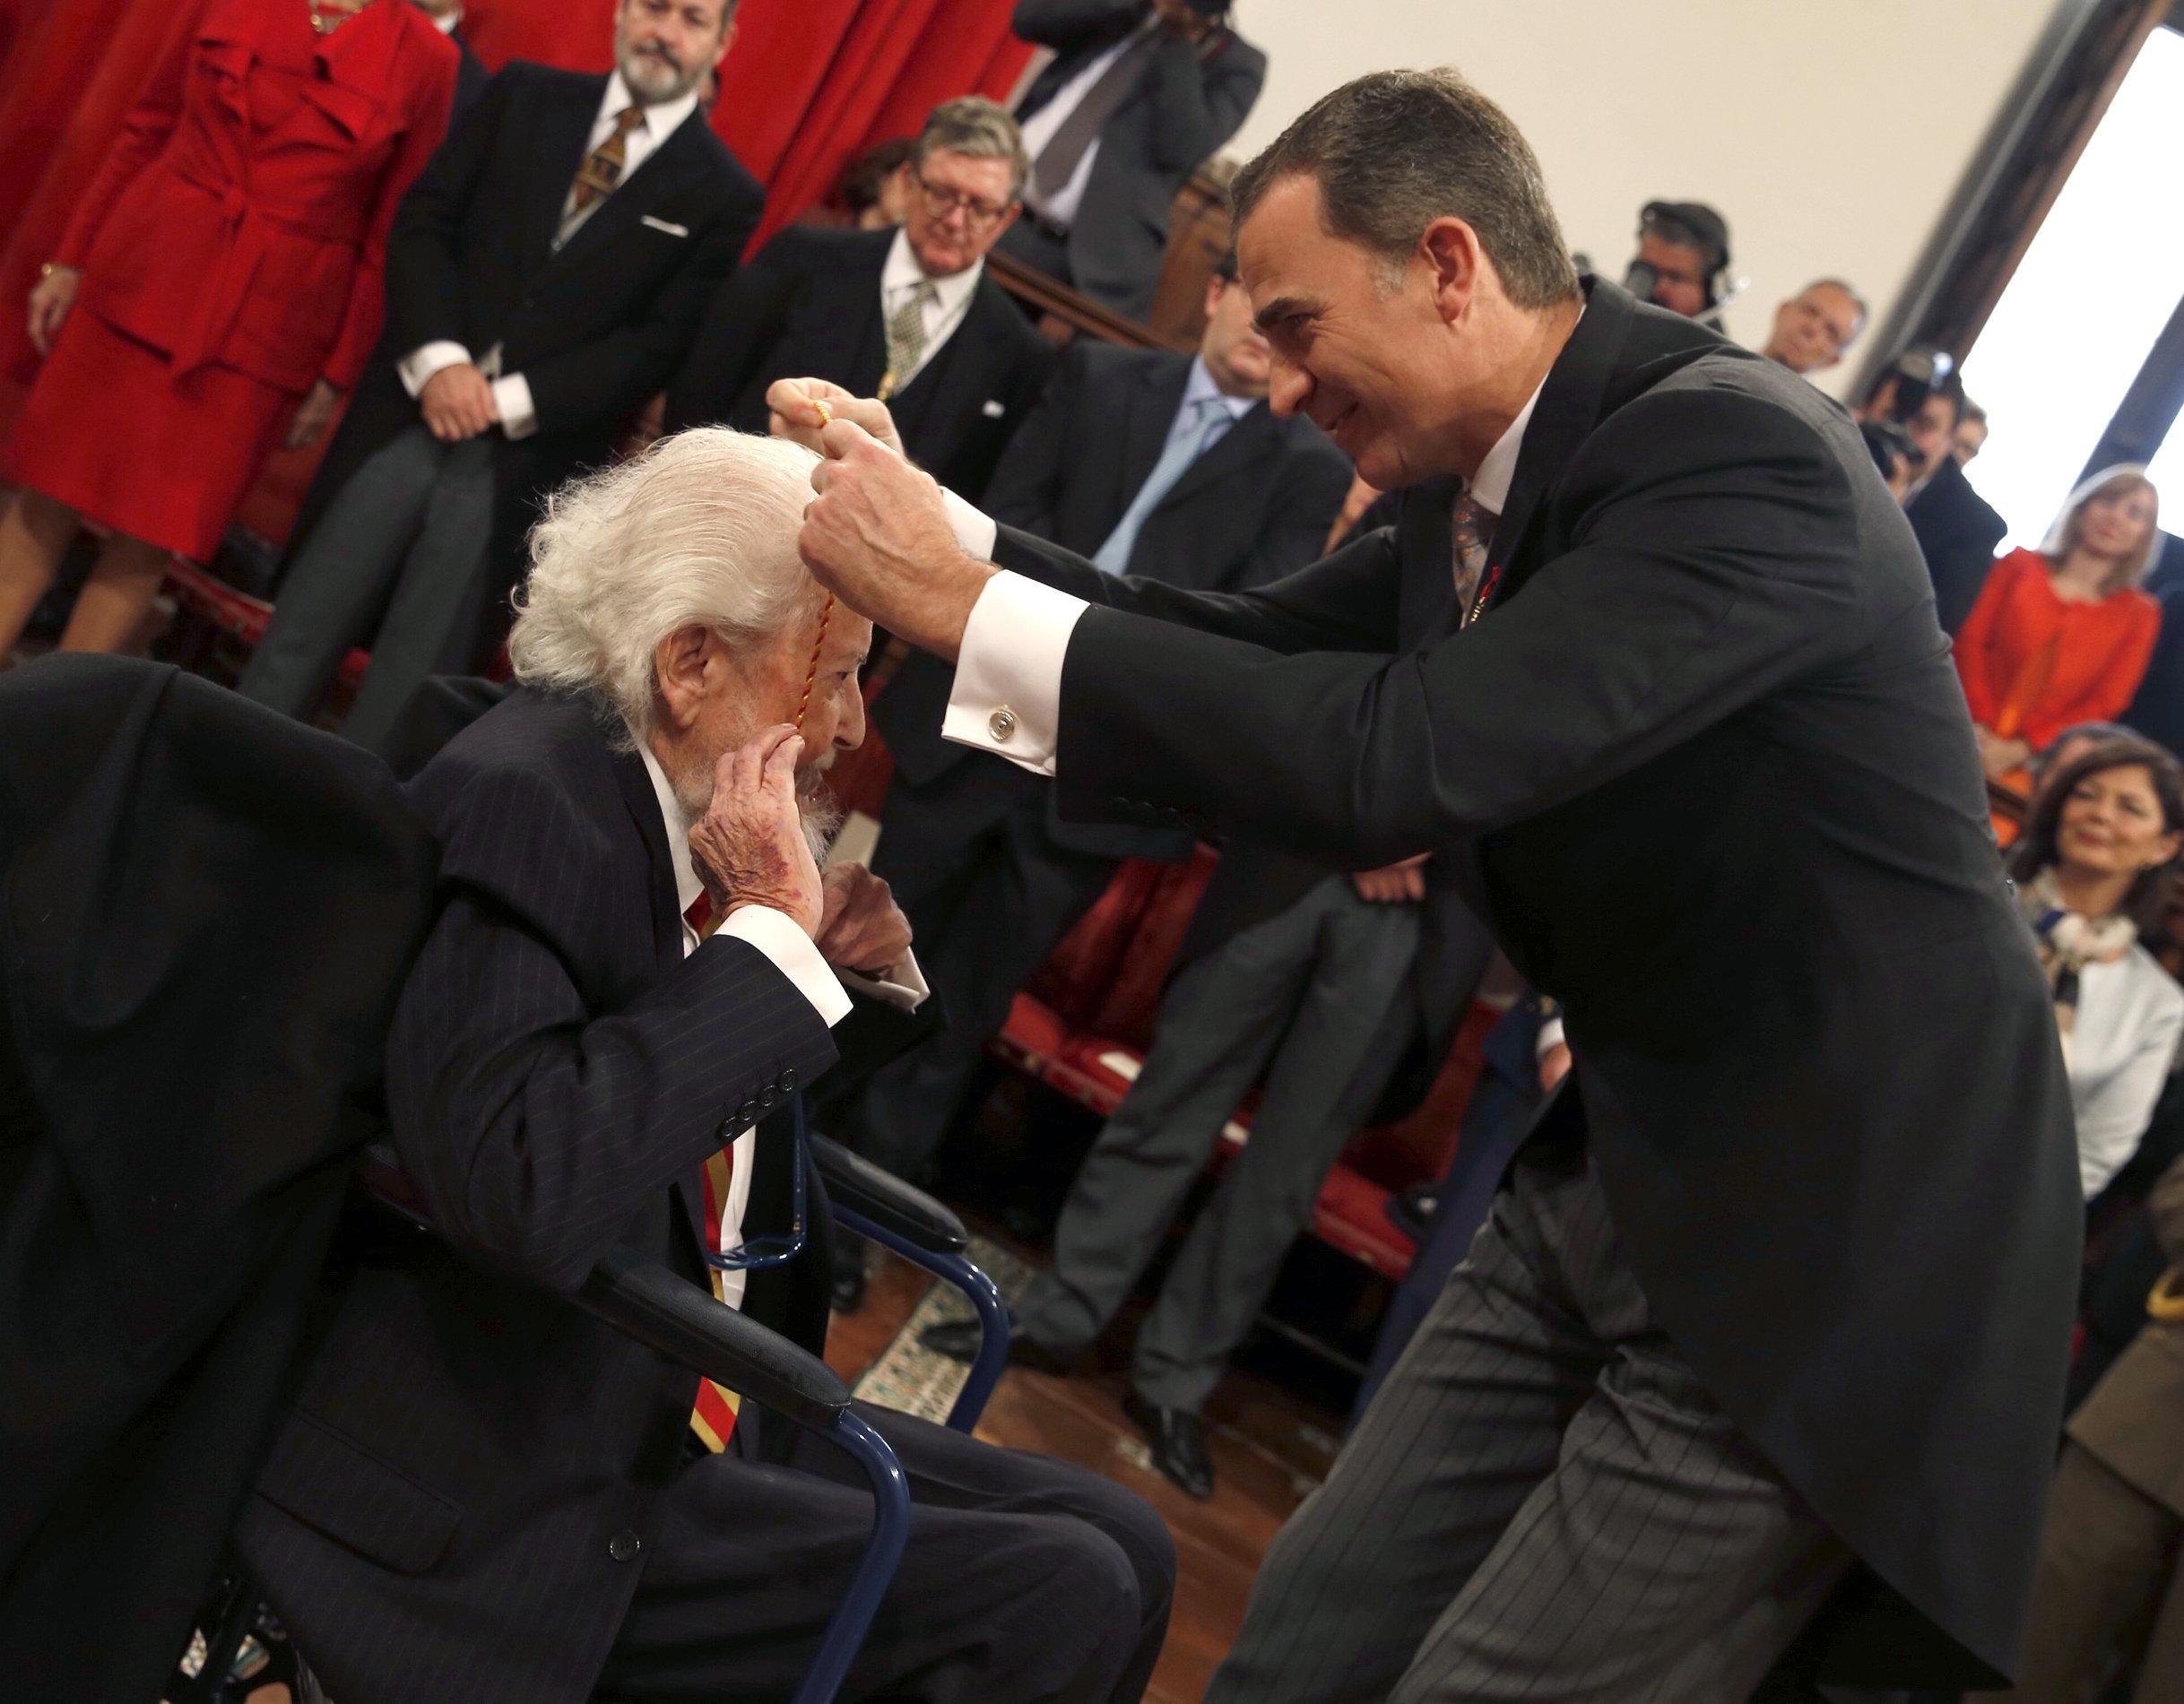 El Rey Felipe VI, entrega premio Cervantes al escritor Fernando del Paso